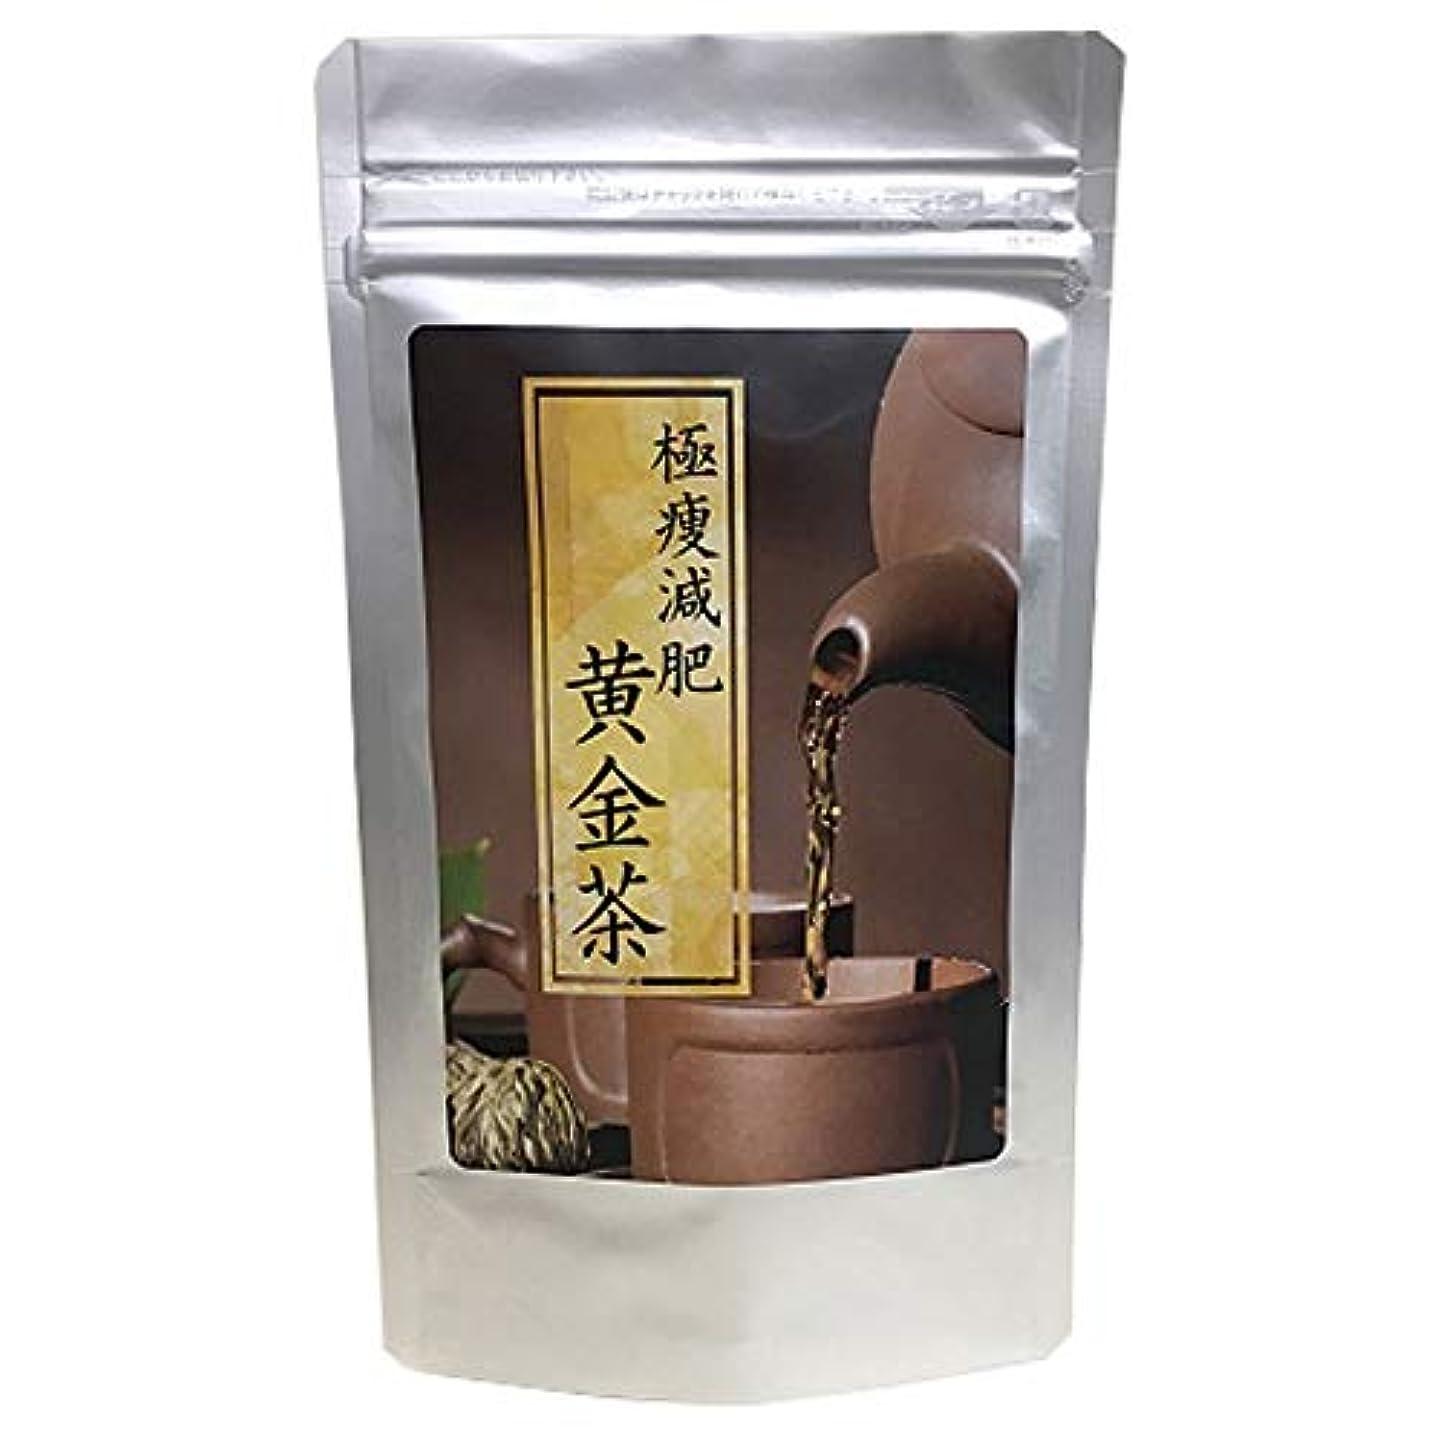 増幅器醸造所紫の極痩減肥黄金茶